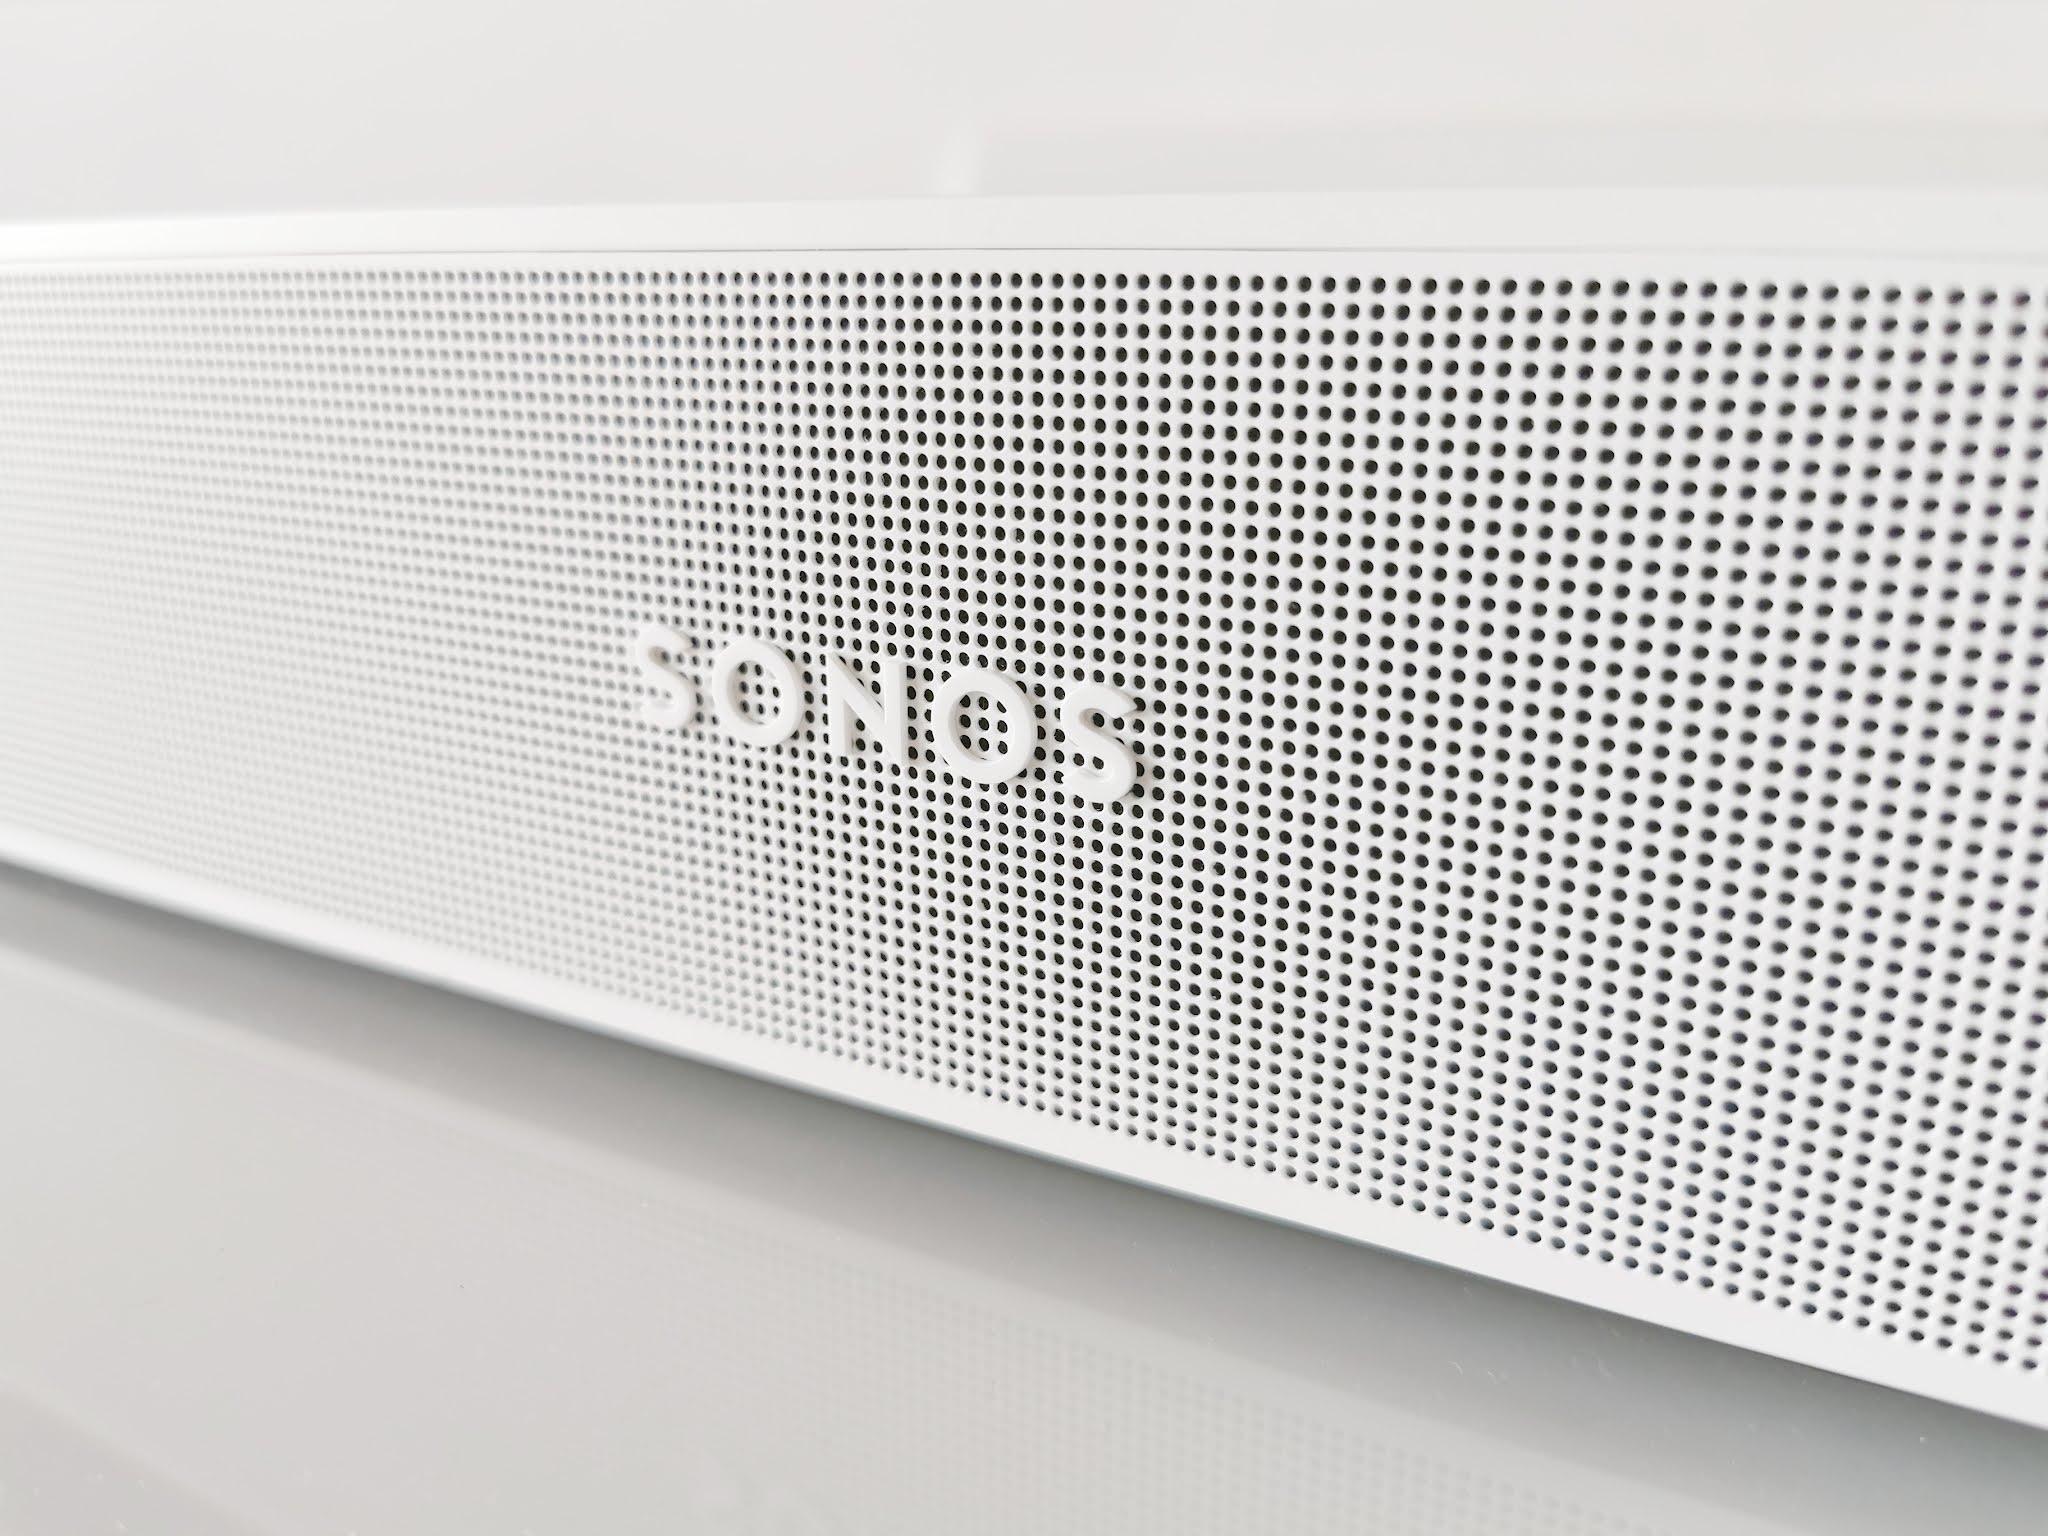 כזה ניסיתי: Sonos Beam (Gen2)